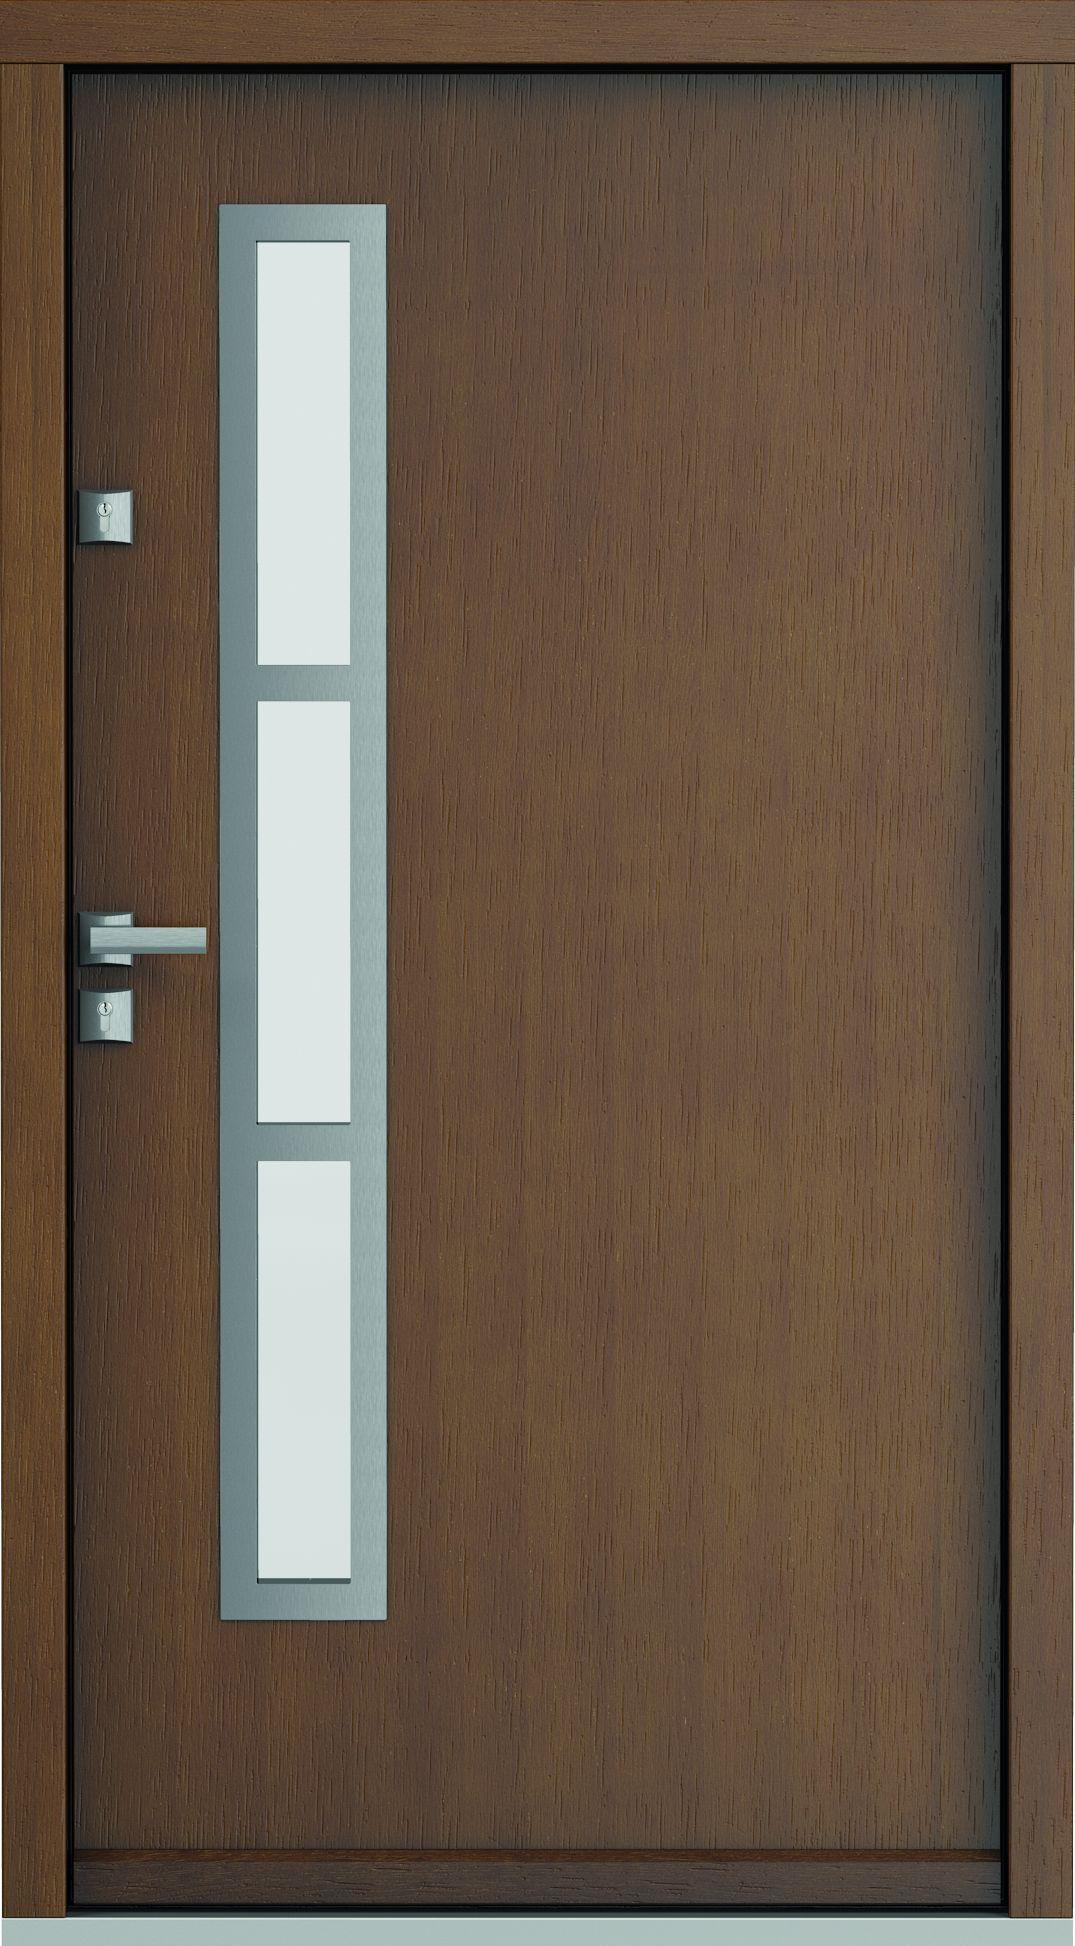 Eco Polar kültéri bejárati ajtó d602f589de